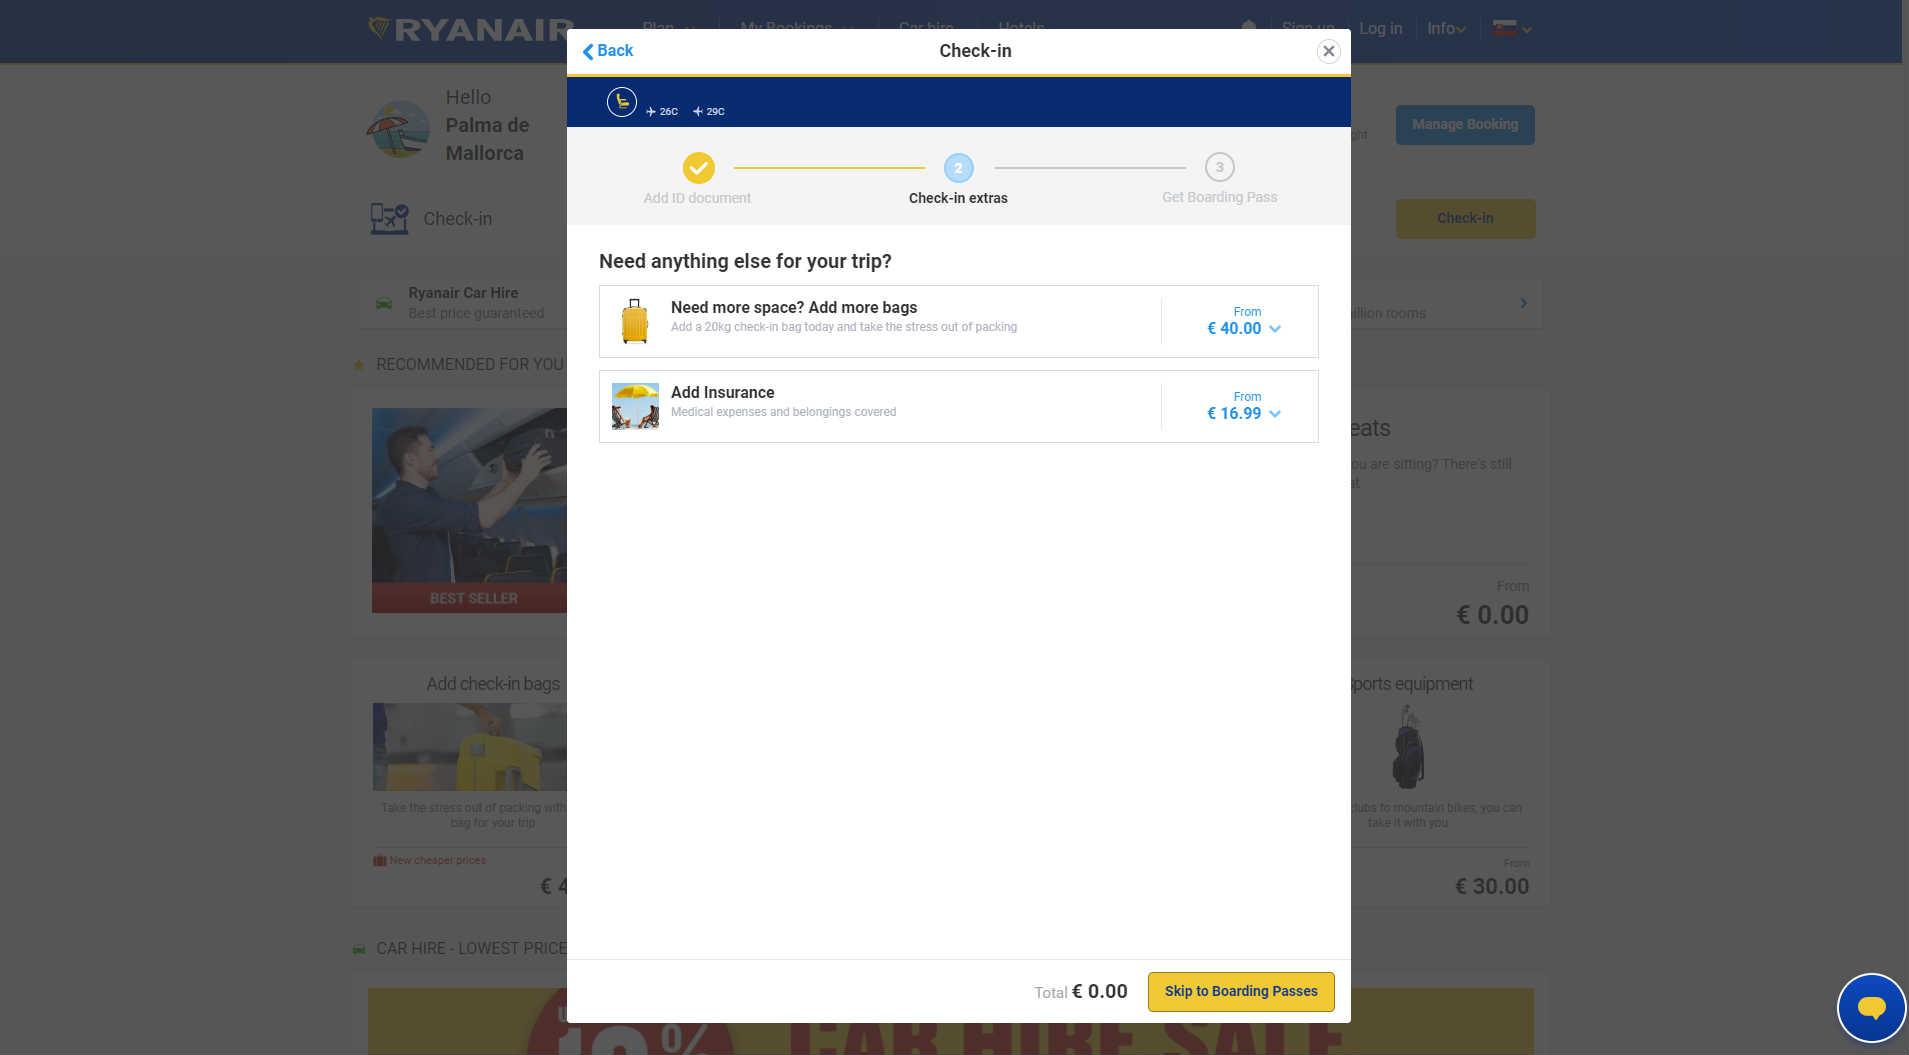 c218a1e5881bd V druhom kroku vám spoločnosť ponúkne možnosť priplatiť si za zapísanú  batožinu alebo si dokúpiť cestovné poistenie. Ak ani o tieto služby nemáte  záujem, ...